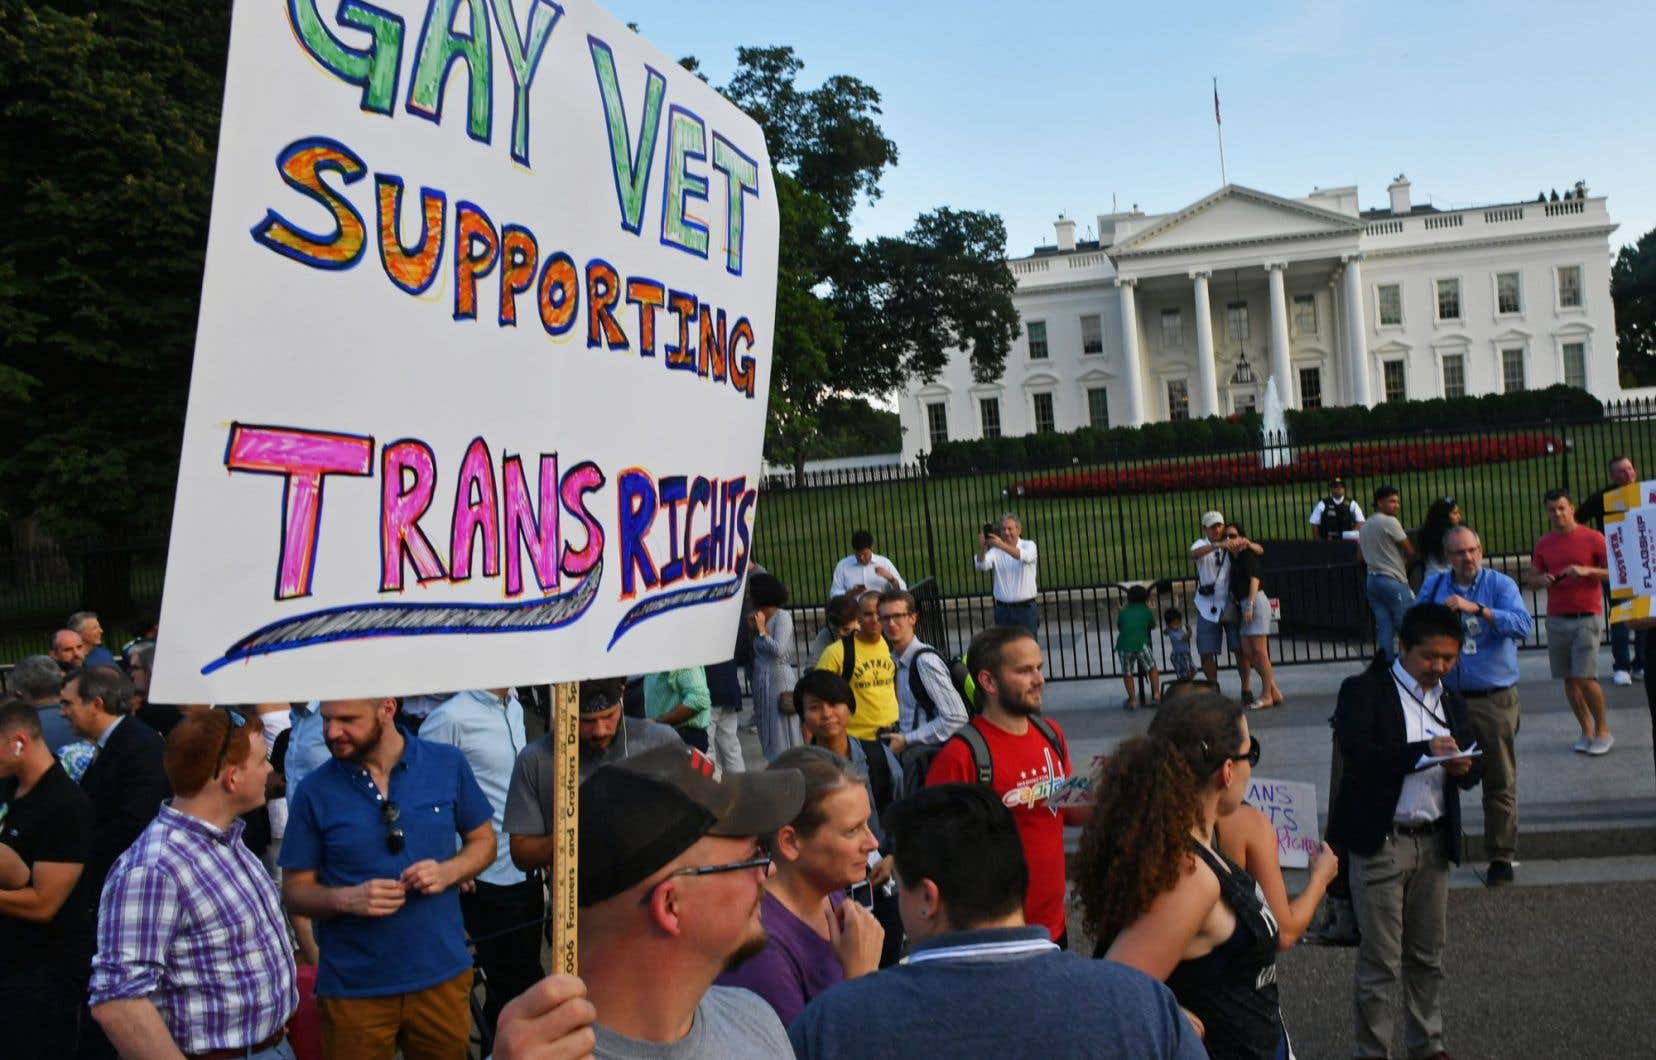 Les personnes transgenres peuvent être membres de l'armée américaine depuis juin 2016, mais le président Trump a annoncé son intention de mettre fin à cette politique.